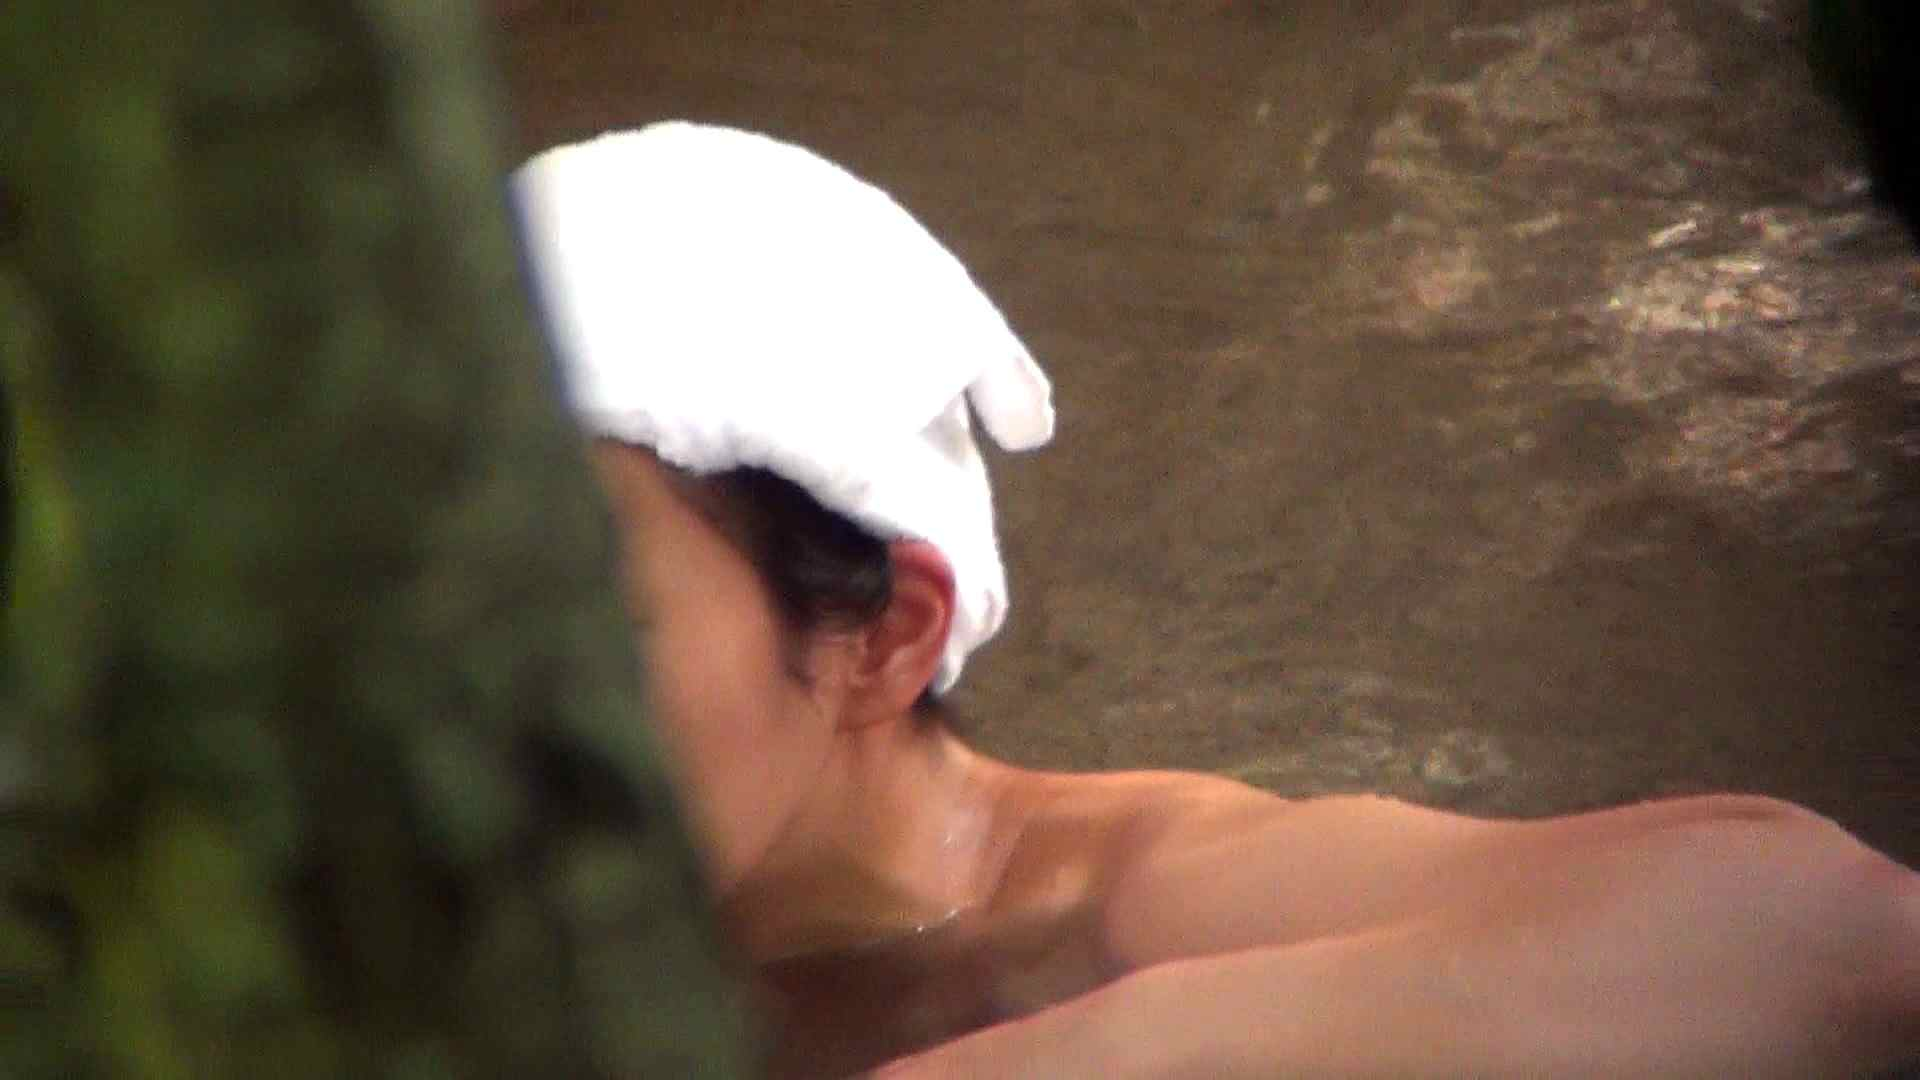 Vol.51 醤油j顔のお女市さん 胸の割りに下半身はがっちりタイプ 露天覗き エロ無料画像 80枚 39